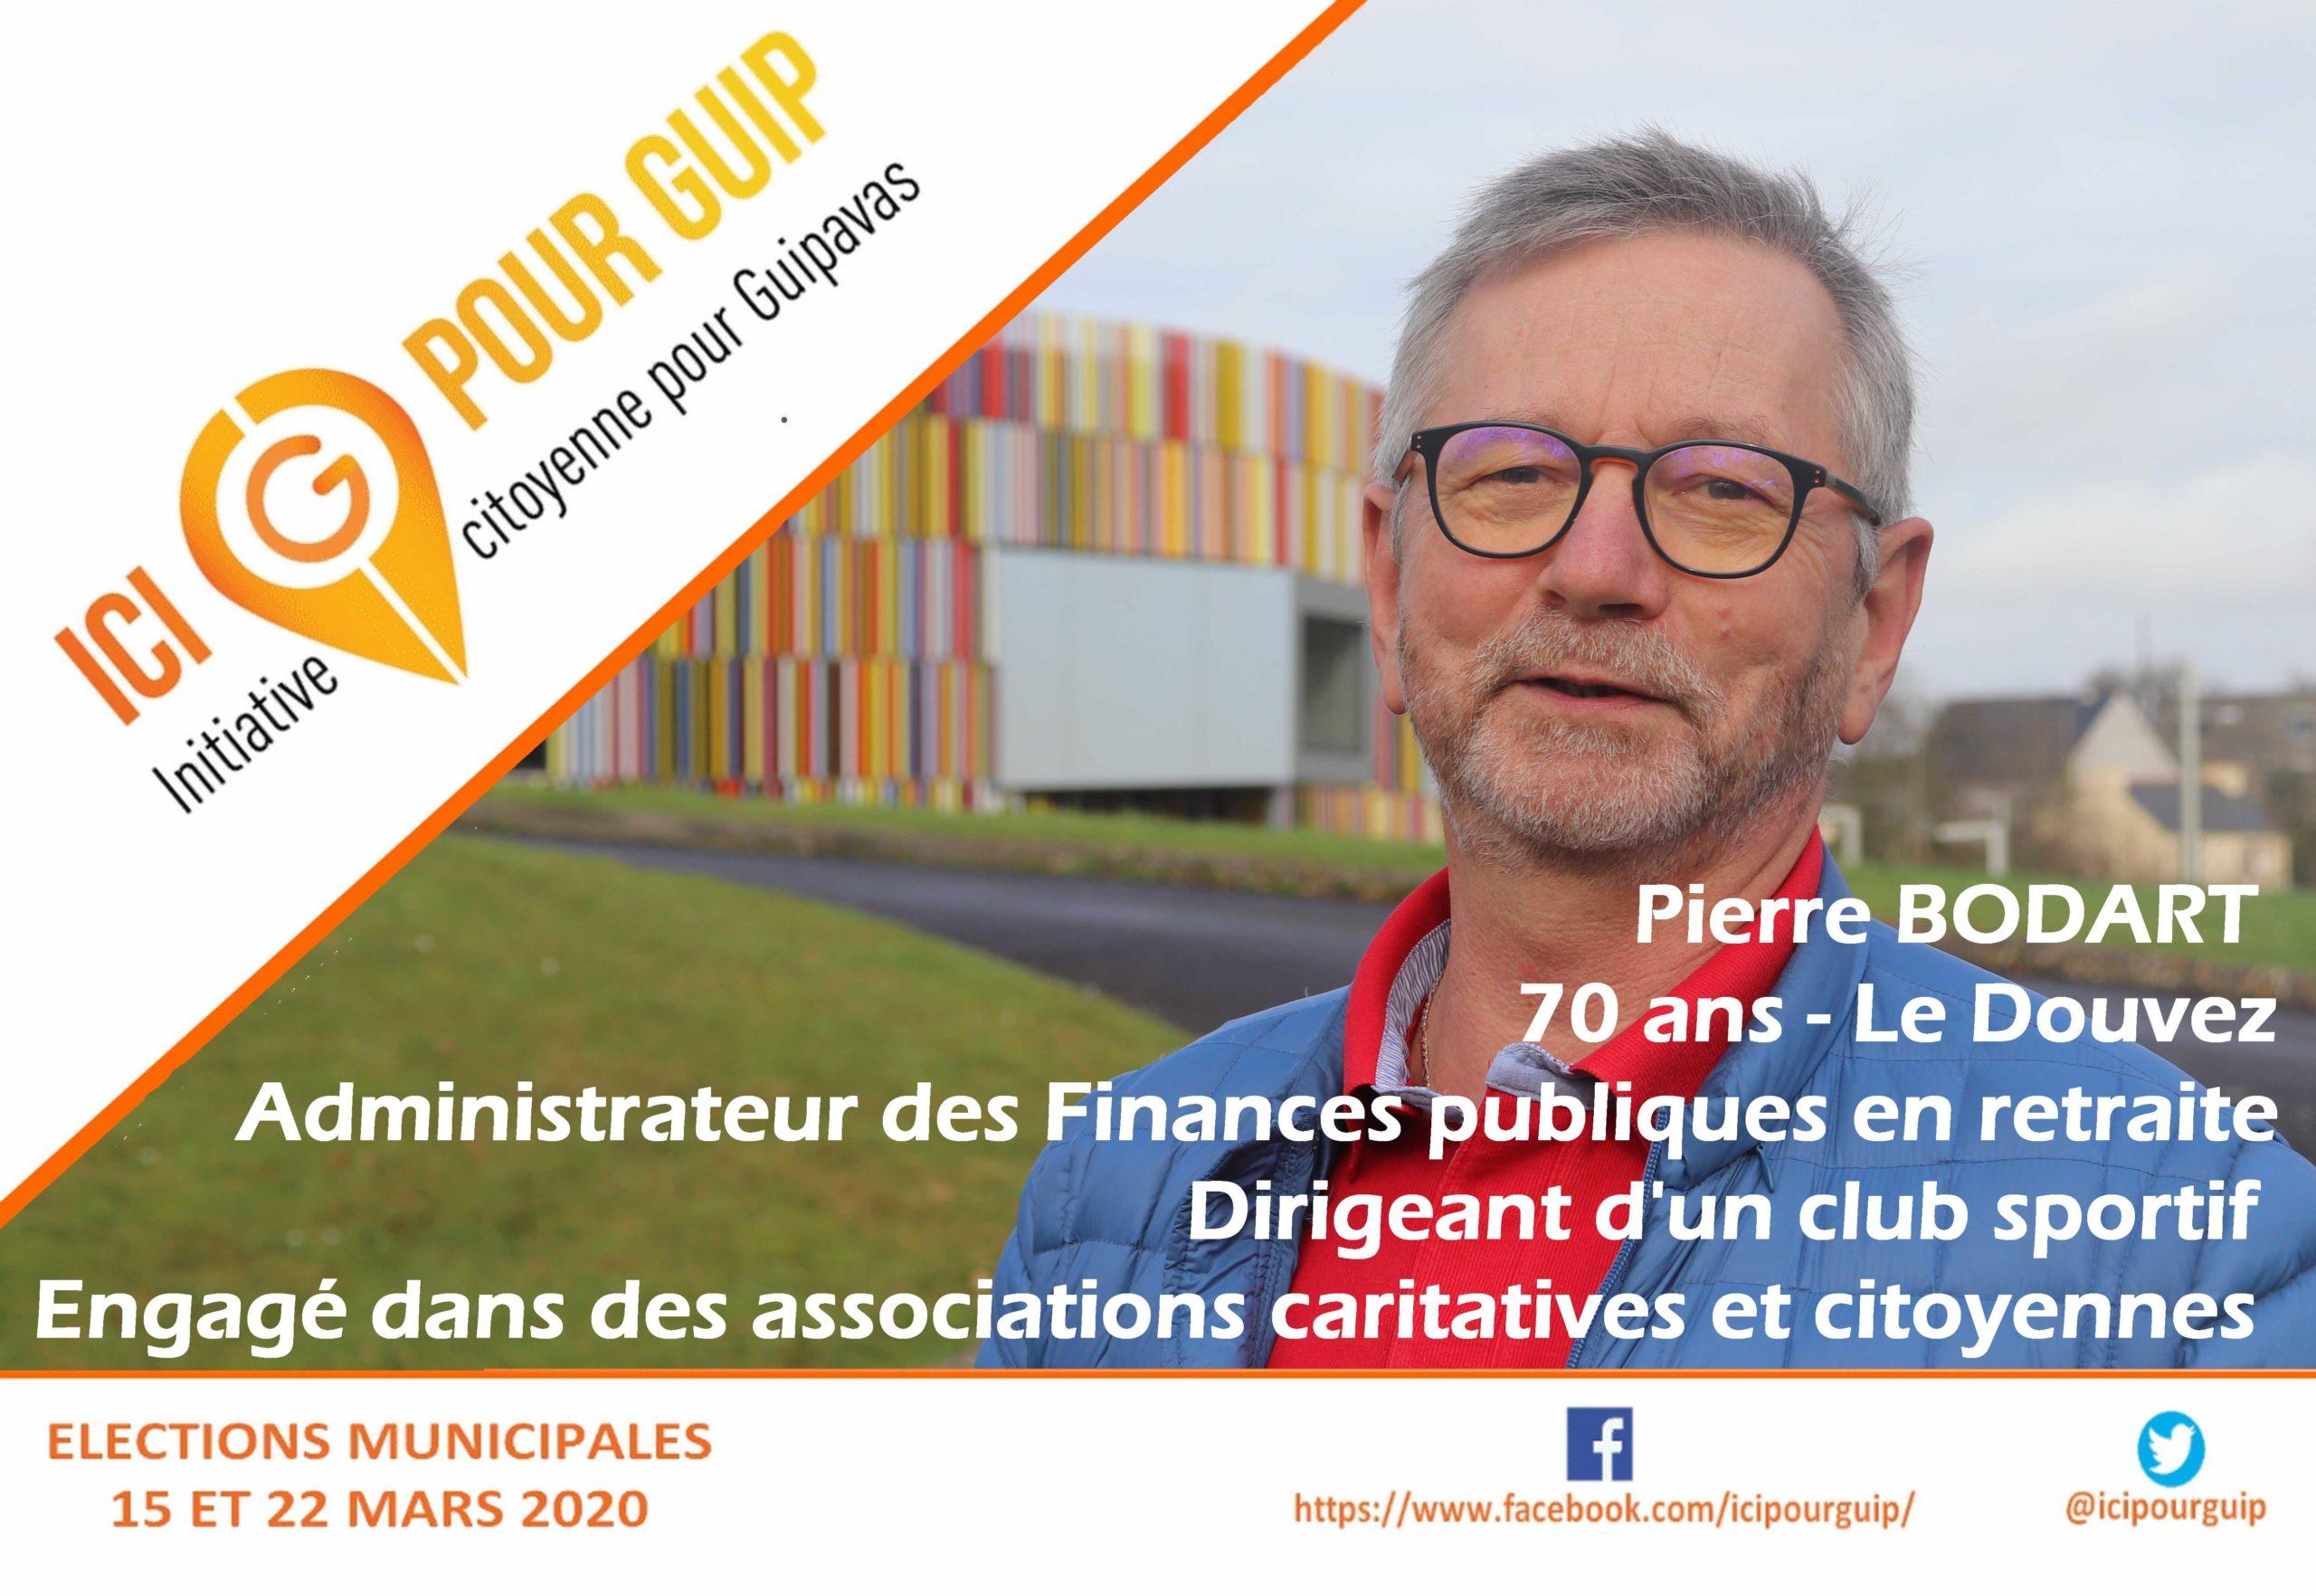 Pierre Bodart